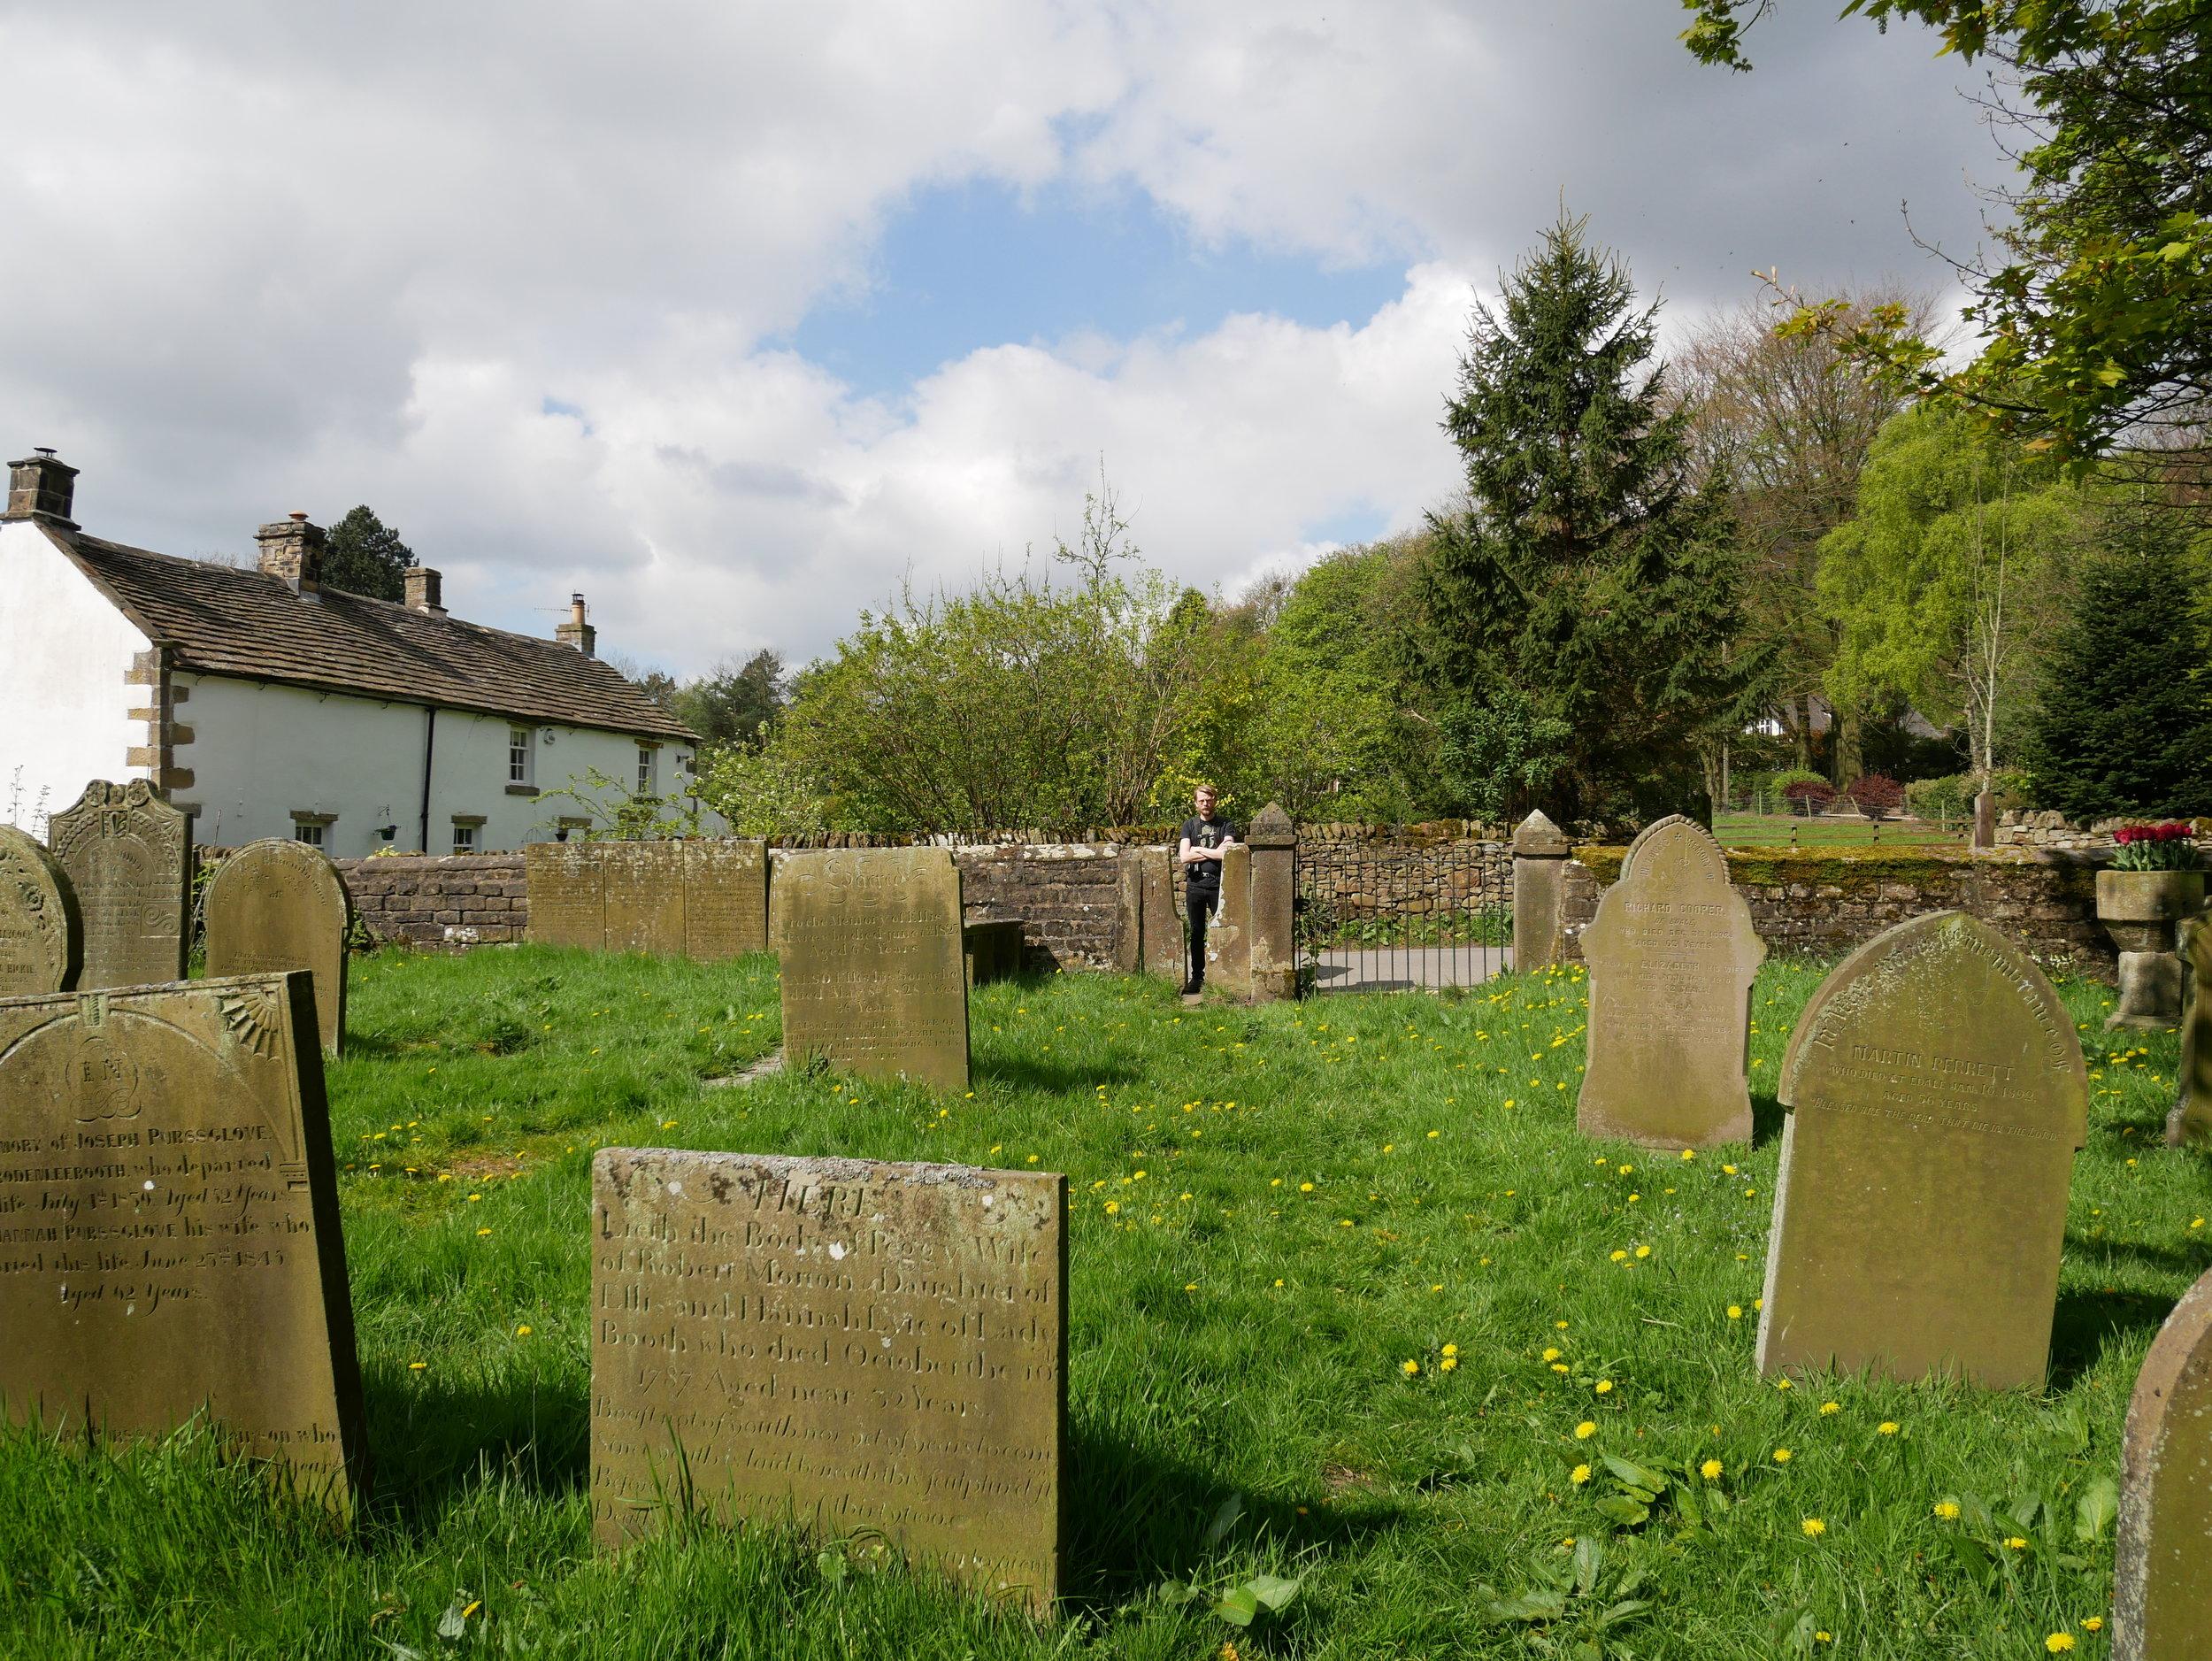 Fast allra först gick vi (jag) förstås in på den lilla gravplatsen. Kan inte låta bli.